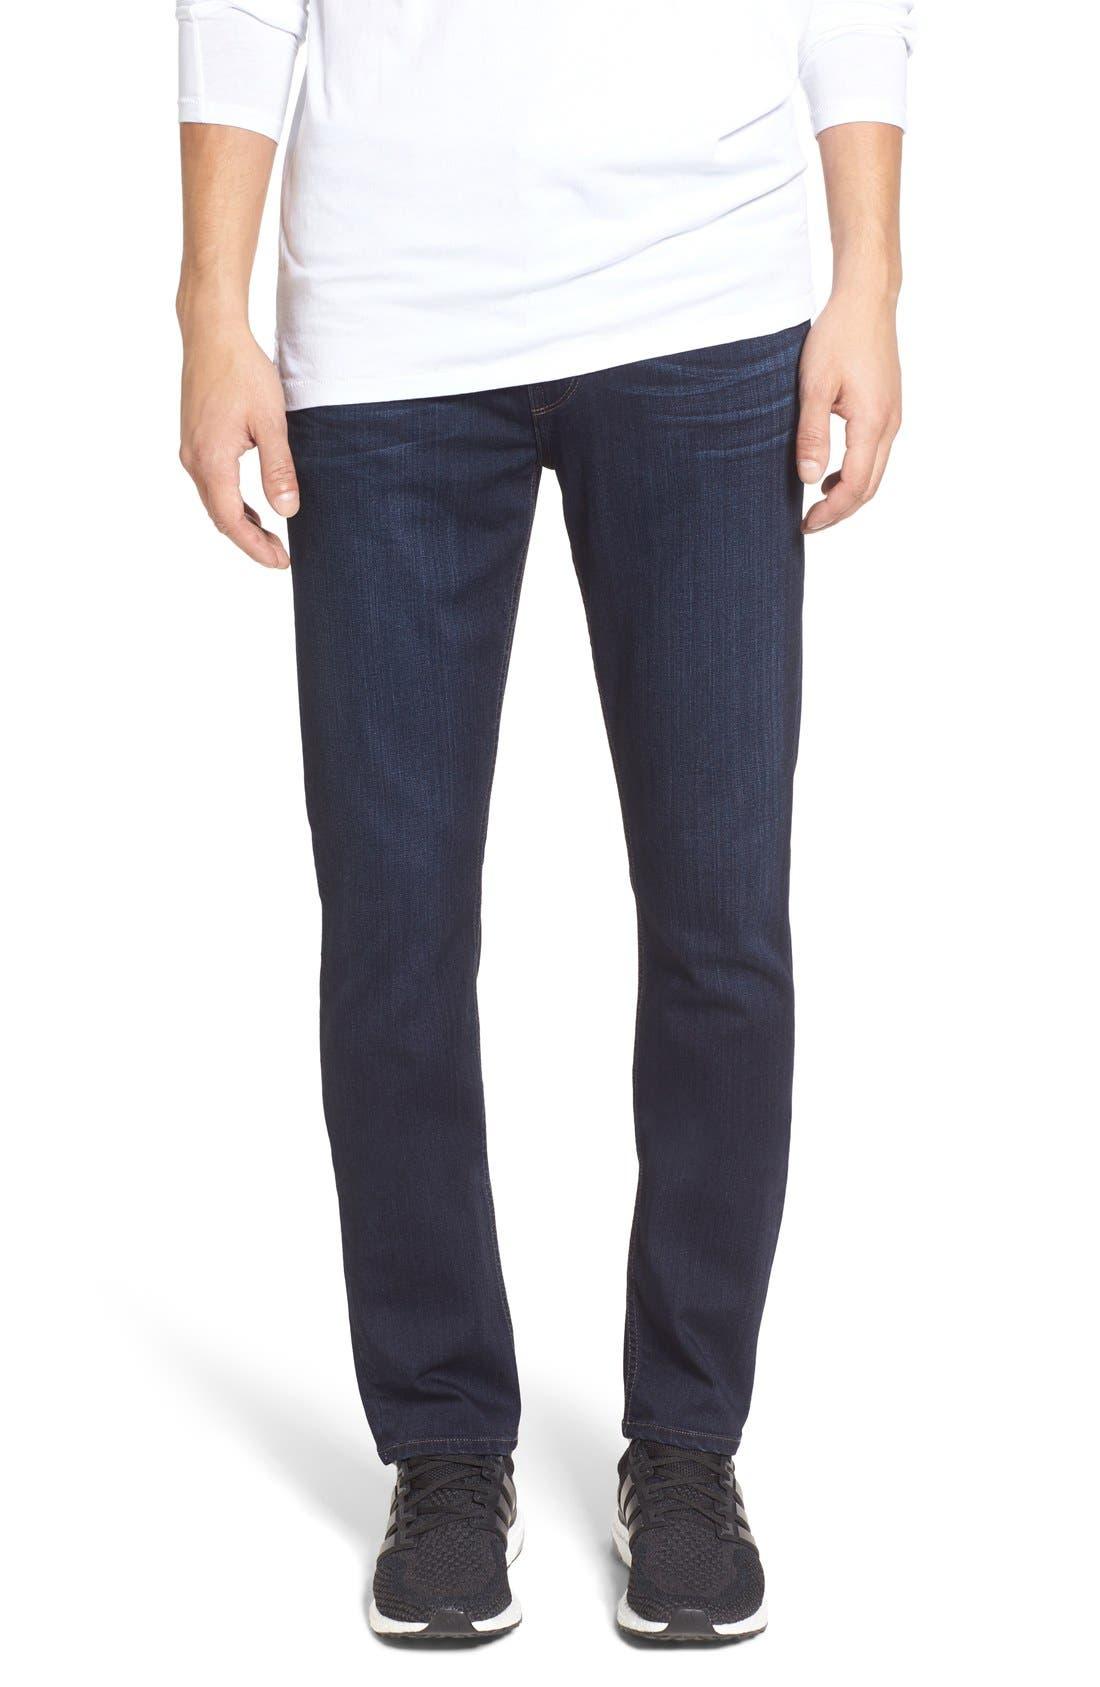 PAIGE Transcend – Lennox Slim Fit Jeans